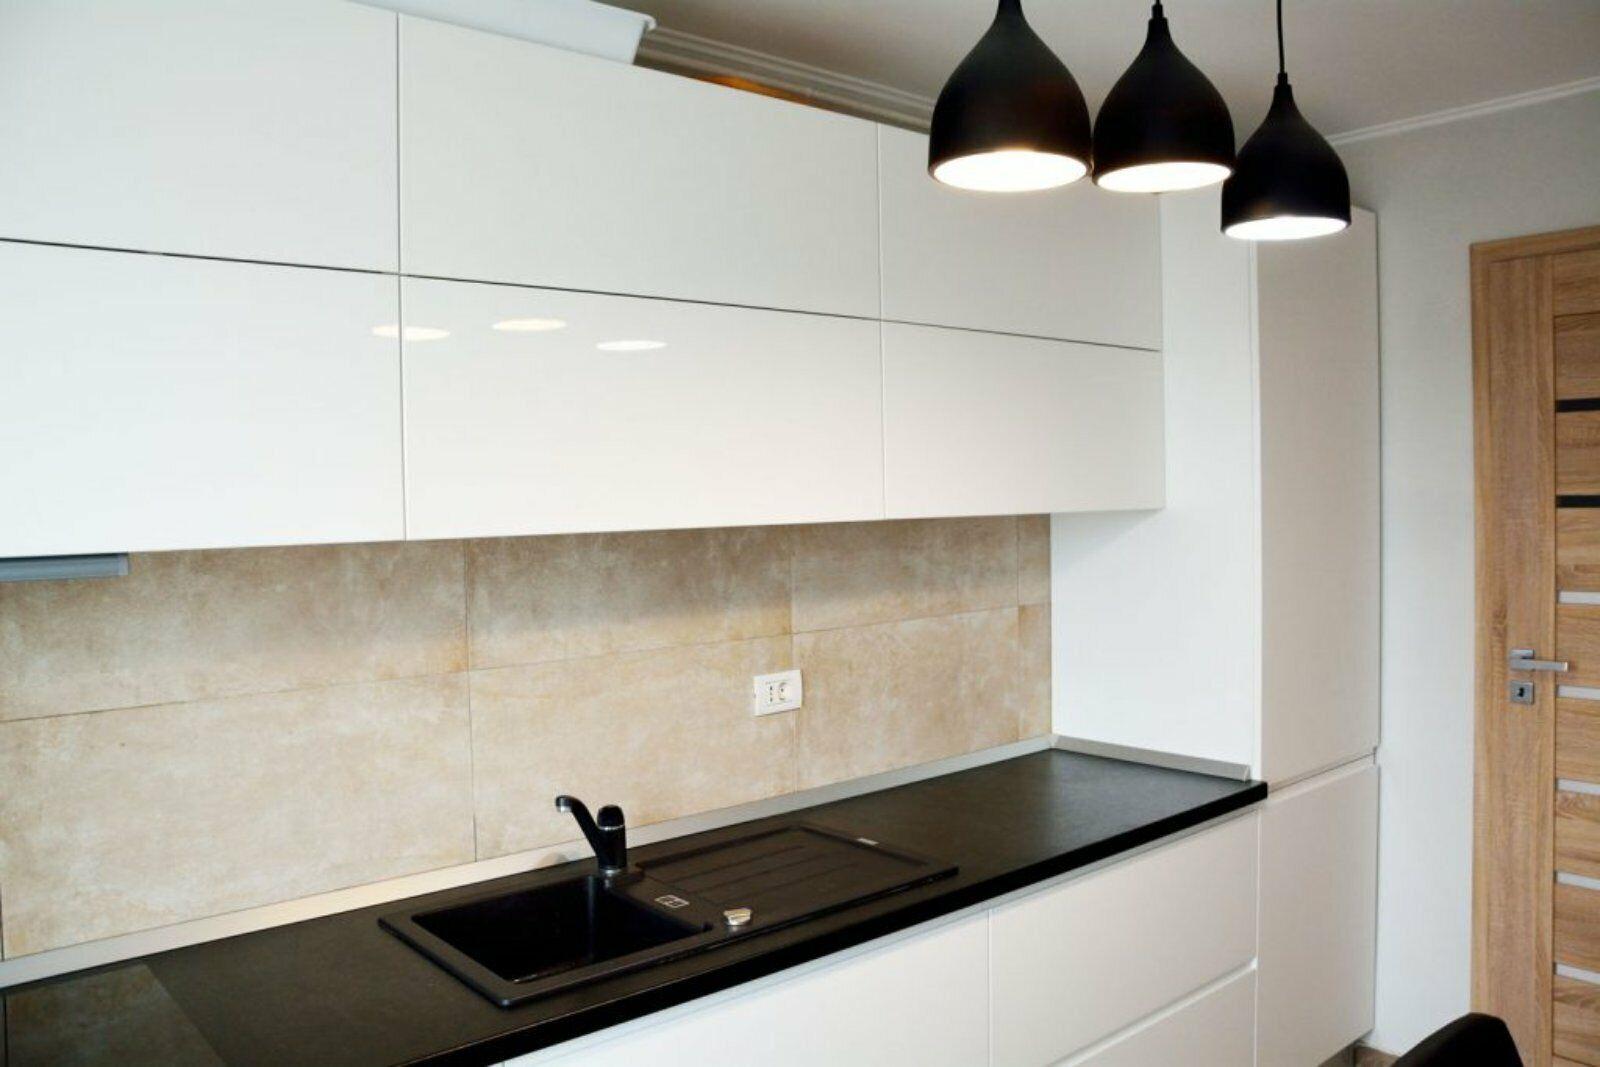 IKEA Küchen   Montage auch kurzfristig möglich in Bayern   Bayreuth   eBay Kleinanzeigen